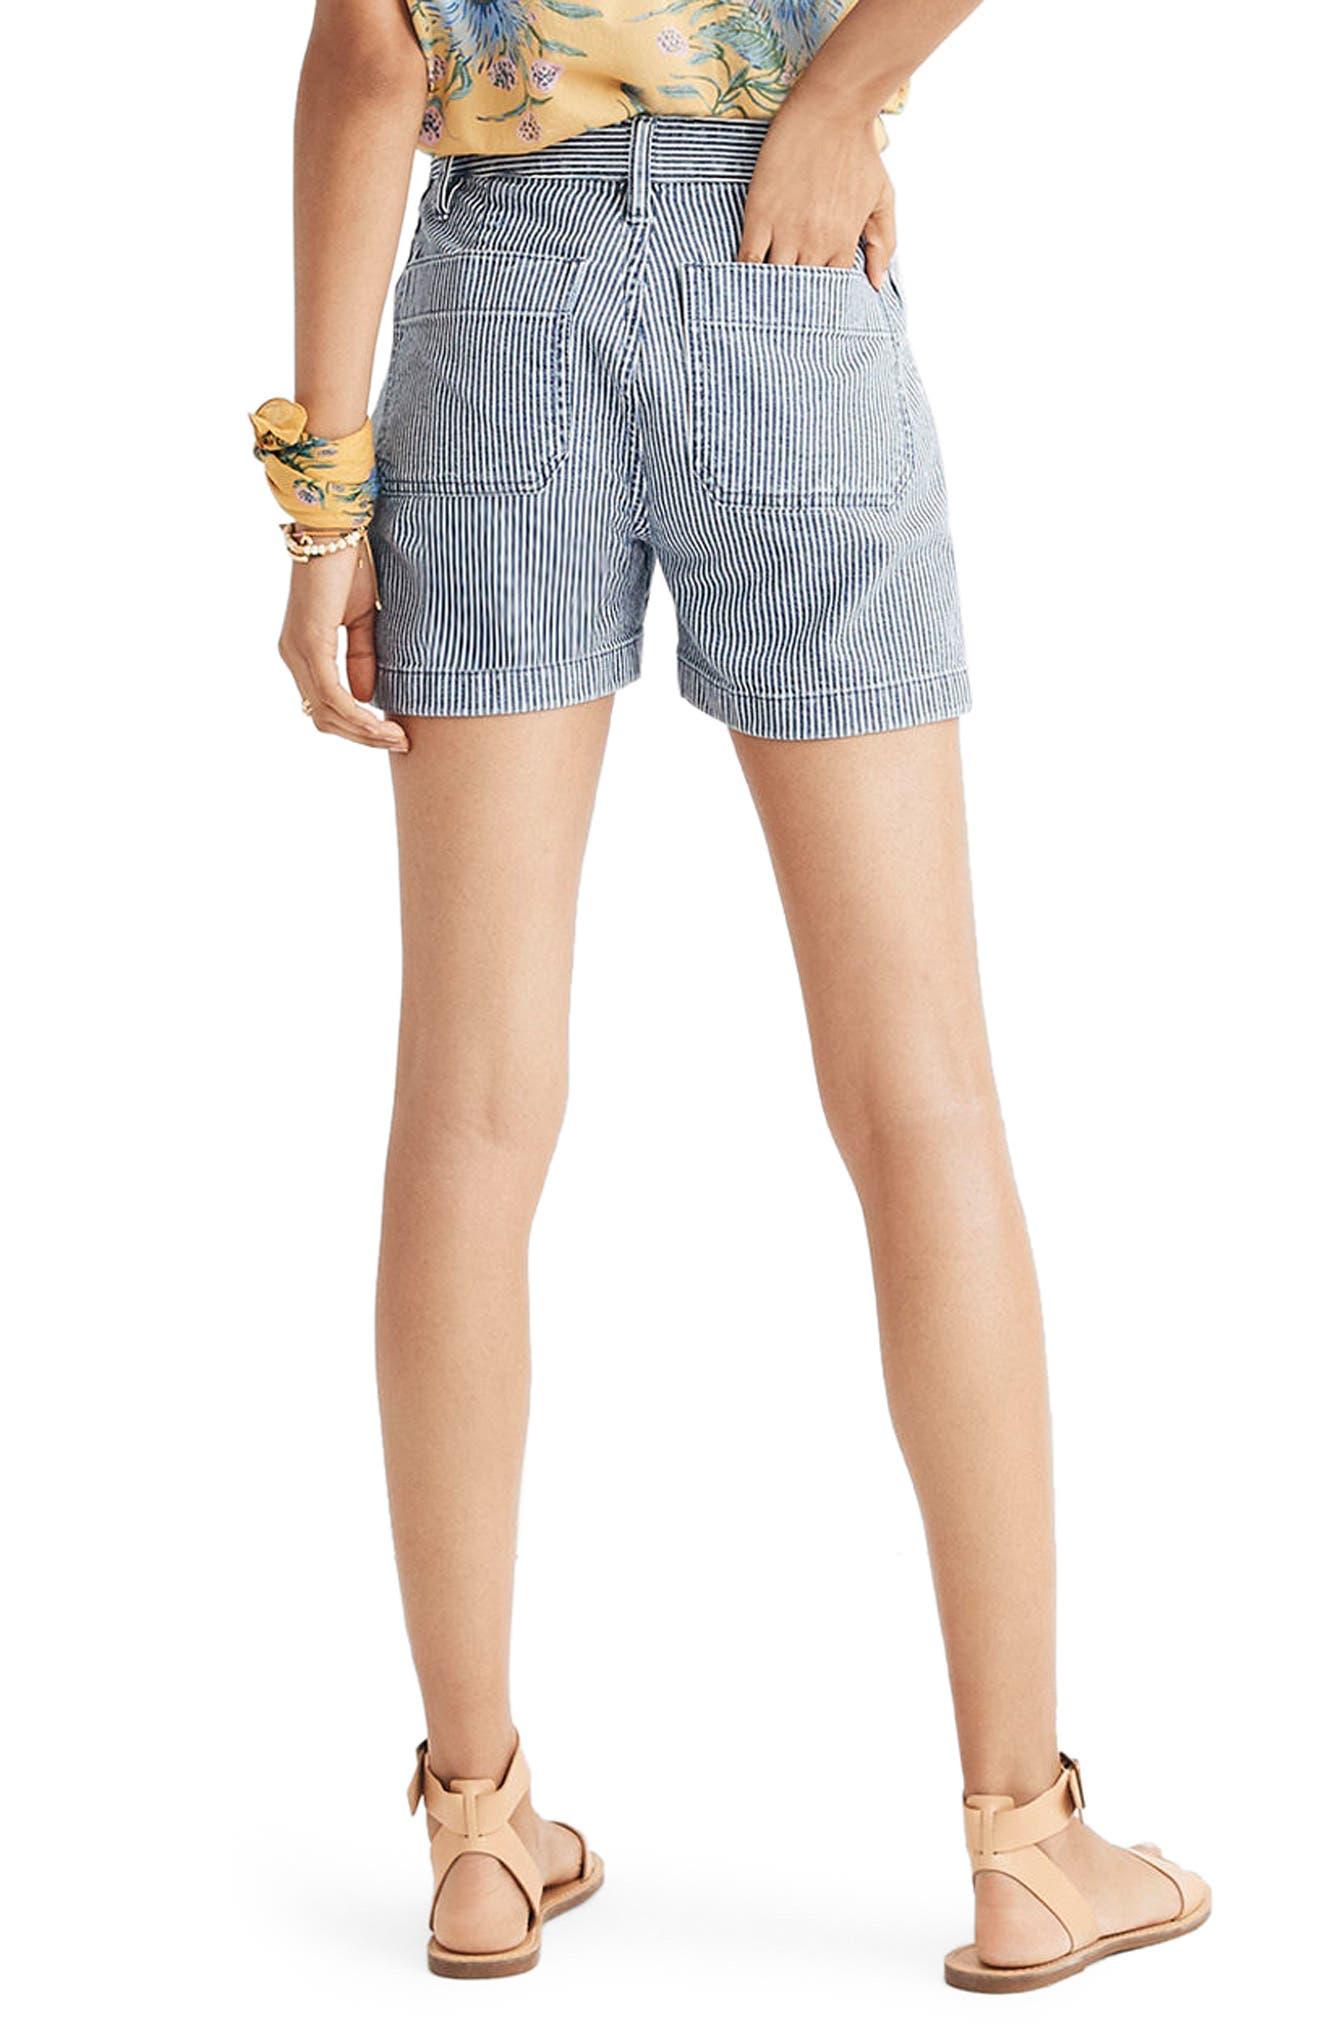 Emmett Stripe Denim Shorts,                             Alternate thumbnail 2, color,                             Piper Stripe